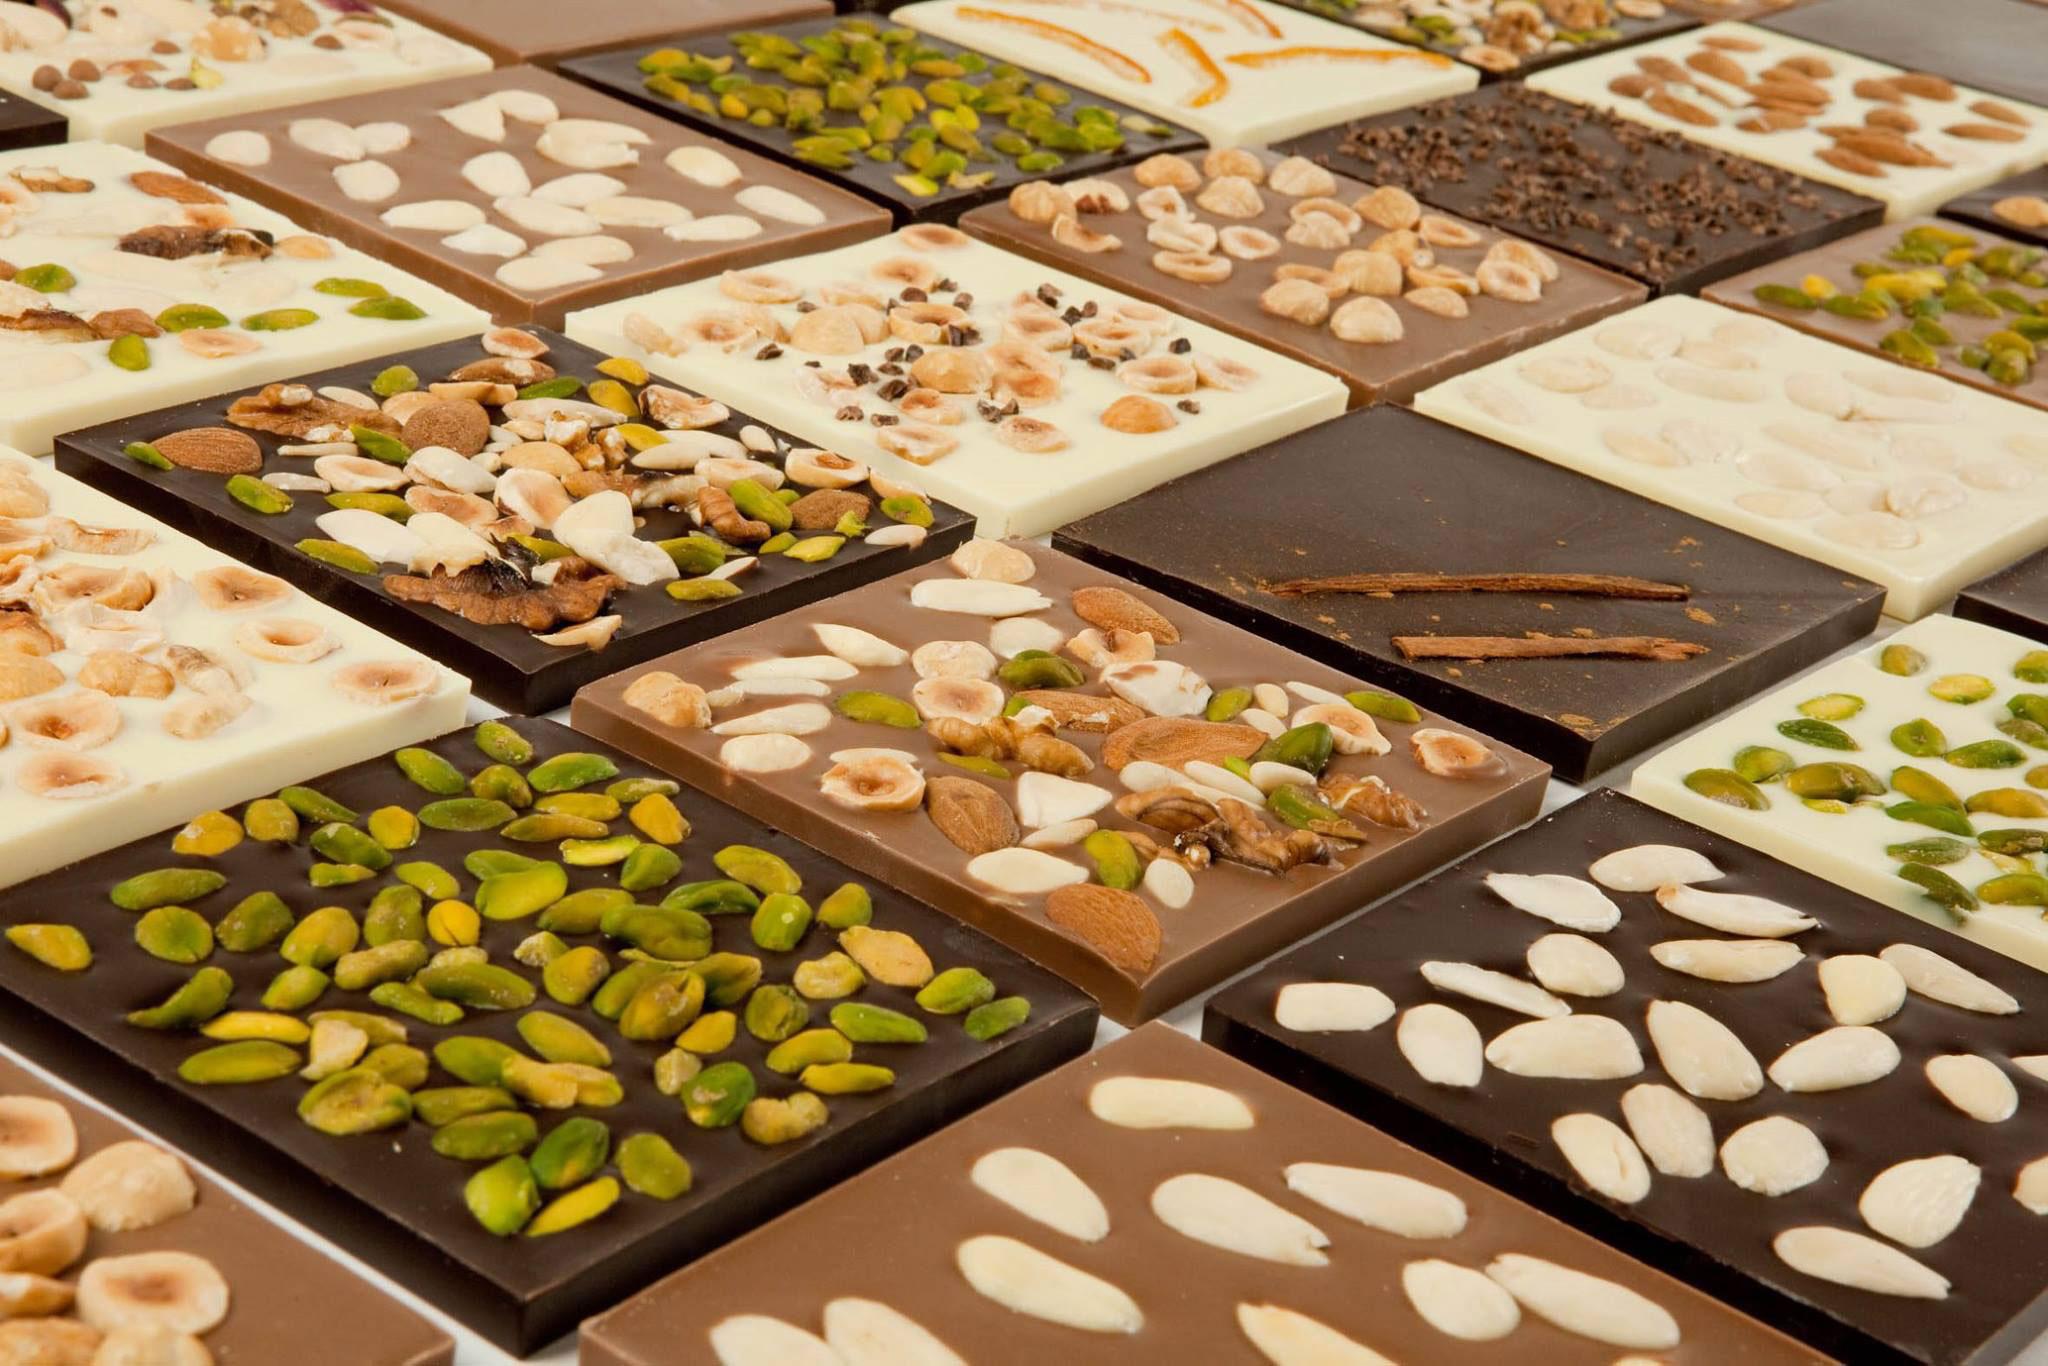 Salon du Chocolat, Salón del Chocolate